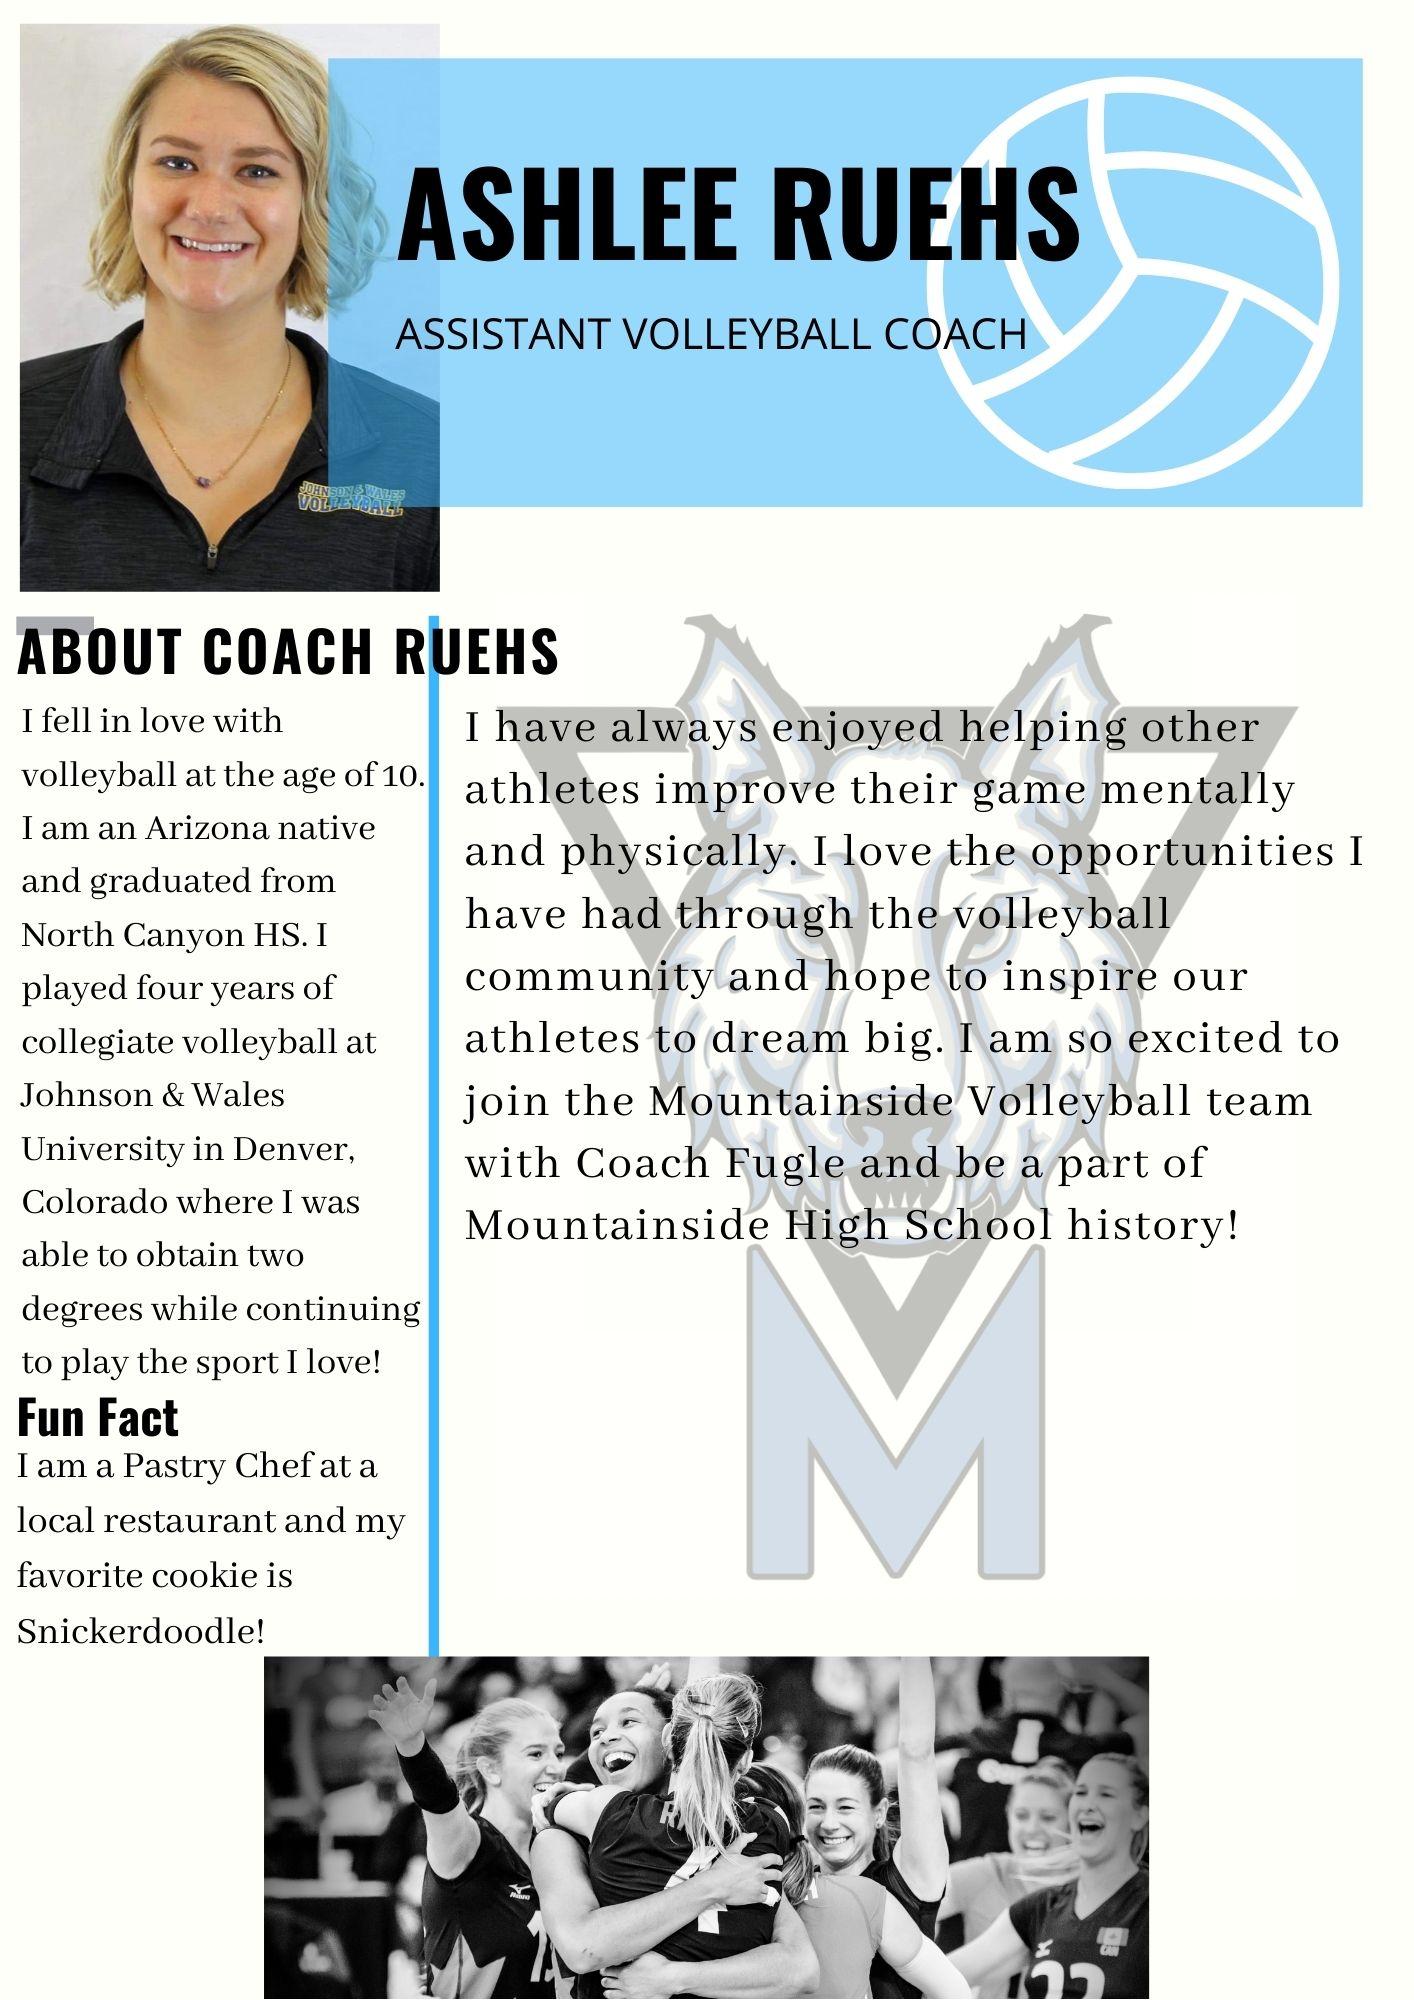 Meet Coach Ruehs